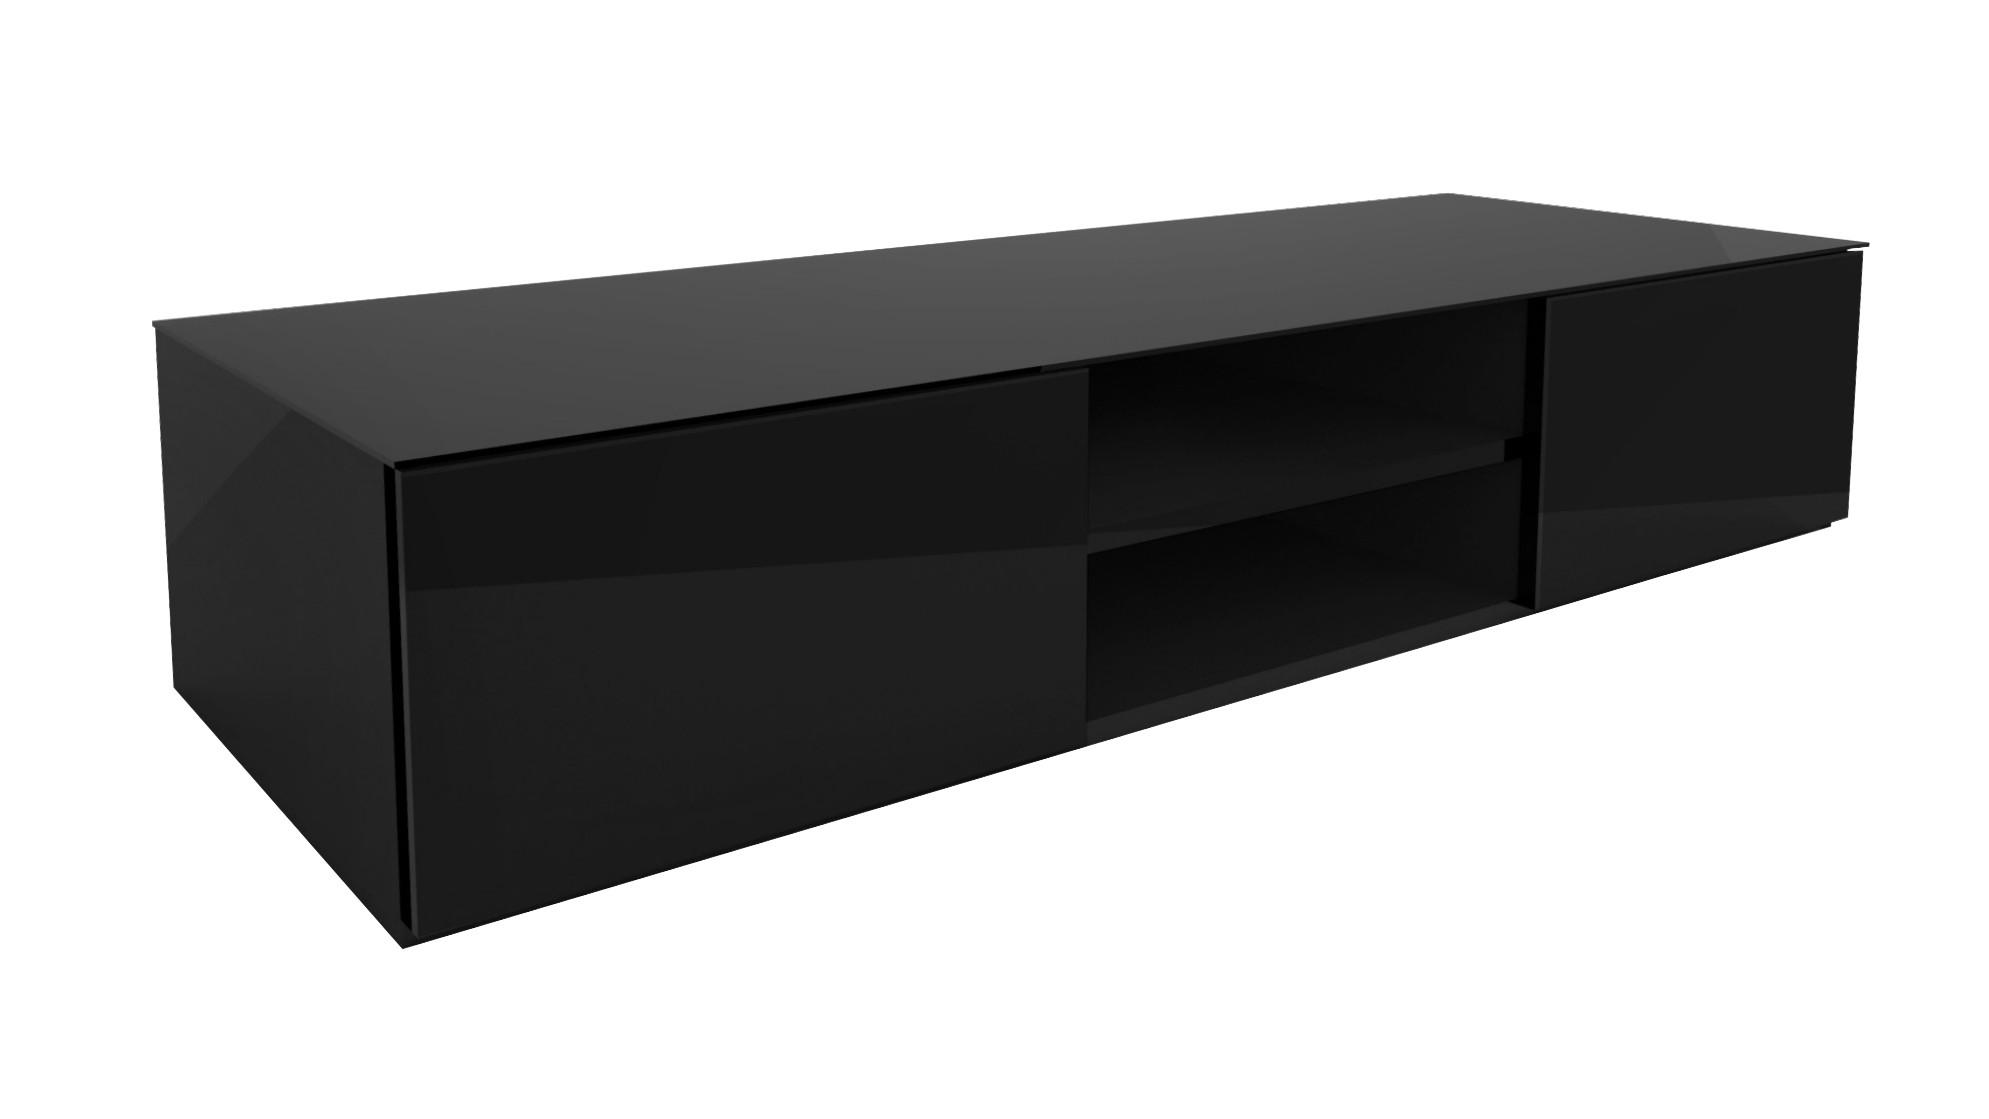 Szafka RTV Carbo czarna - wysoki połysk